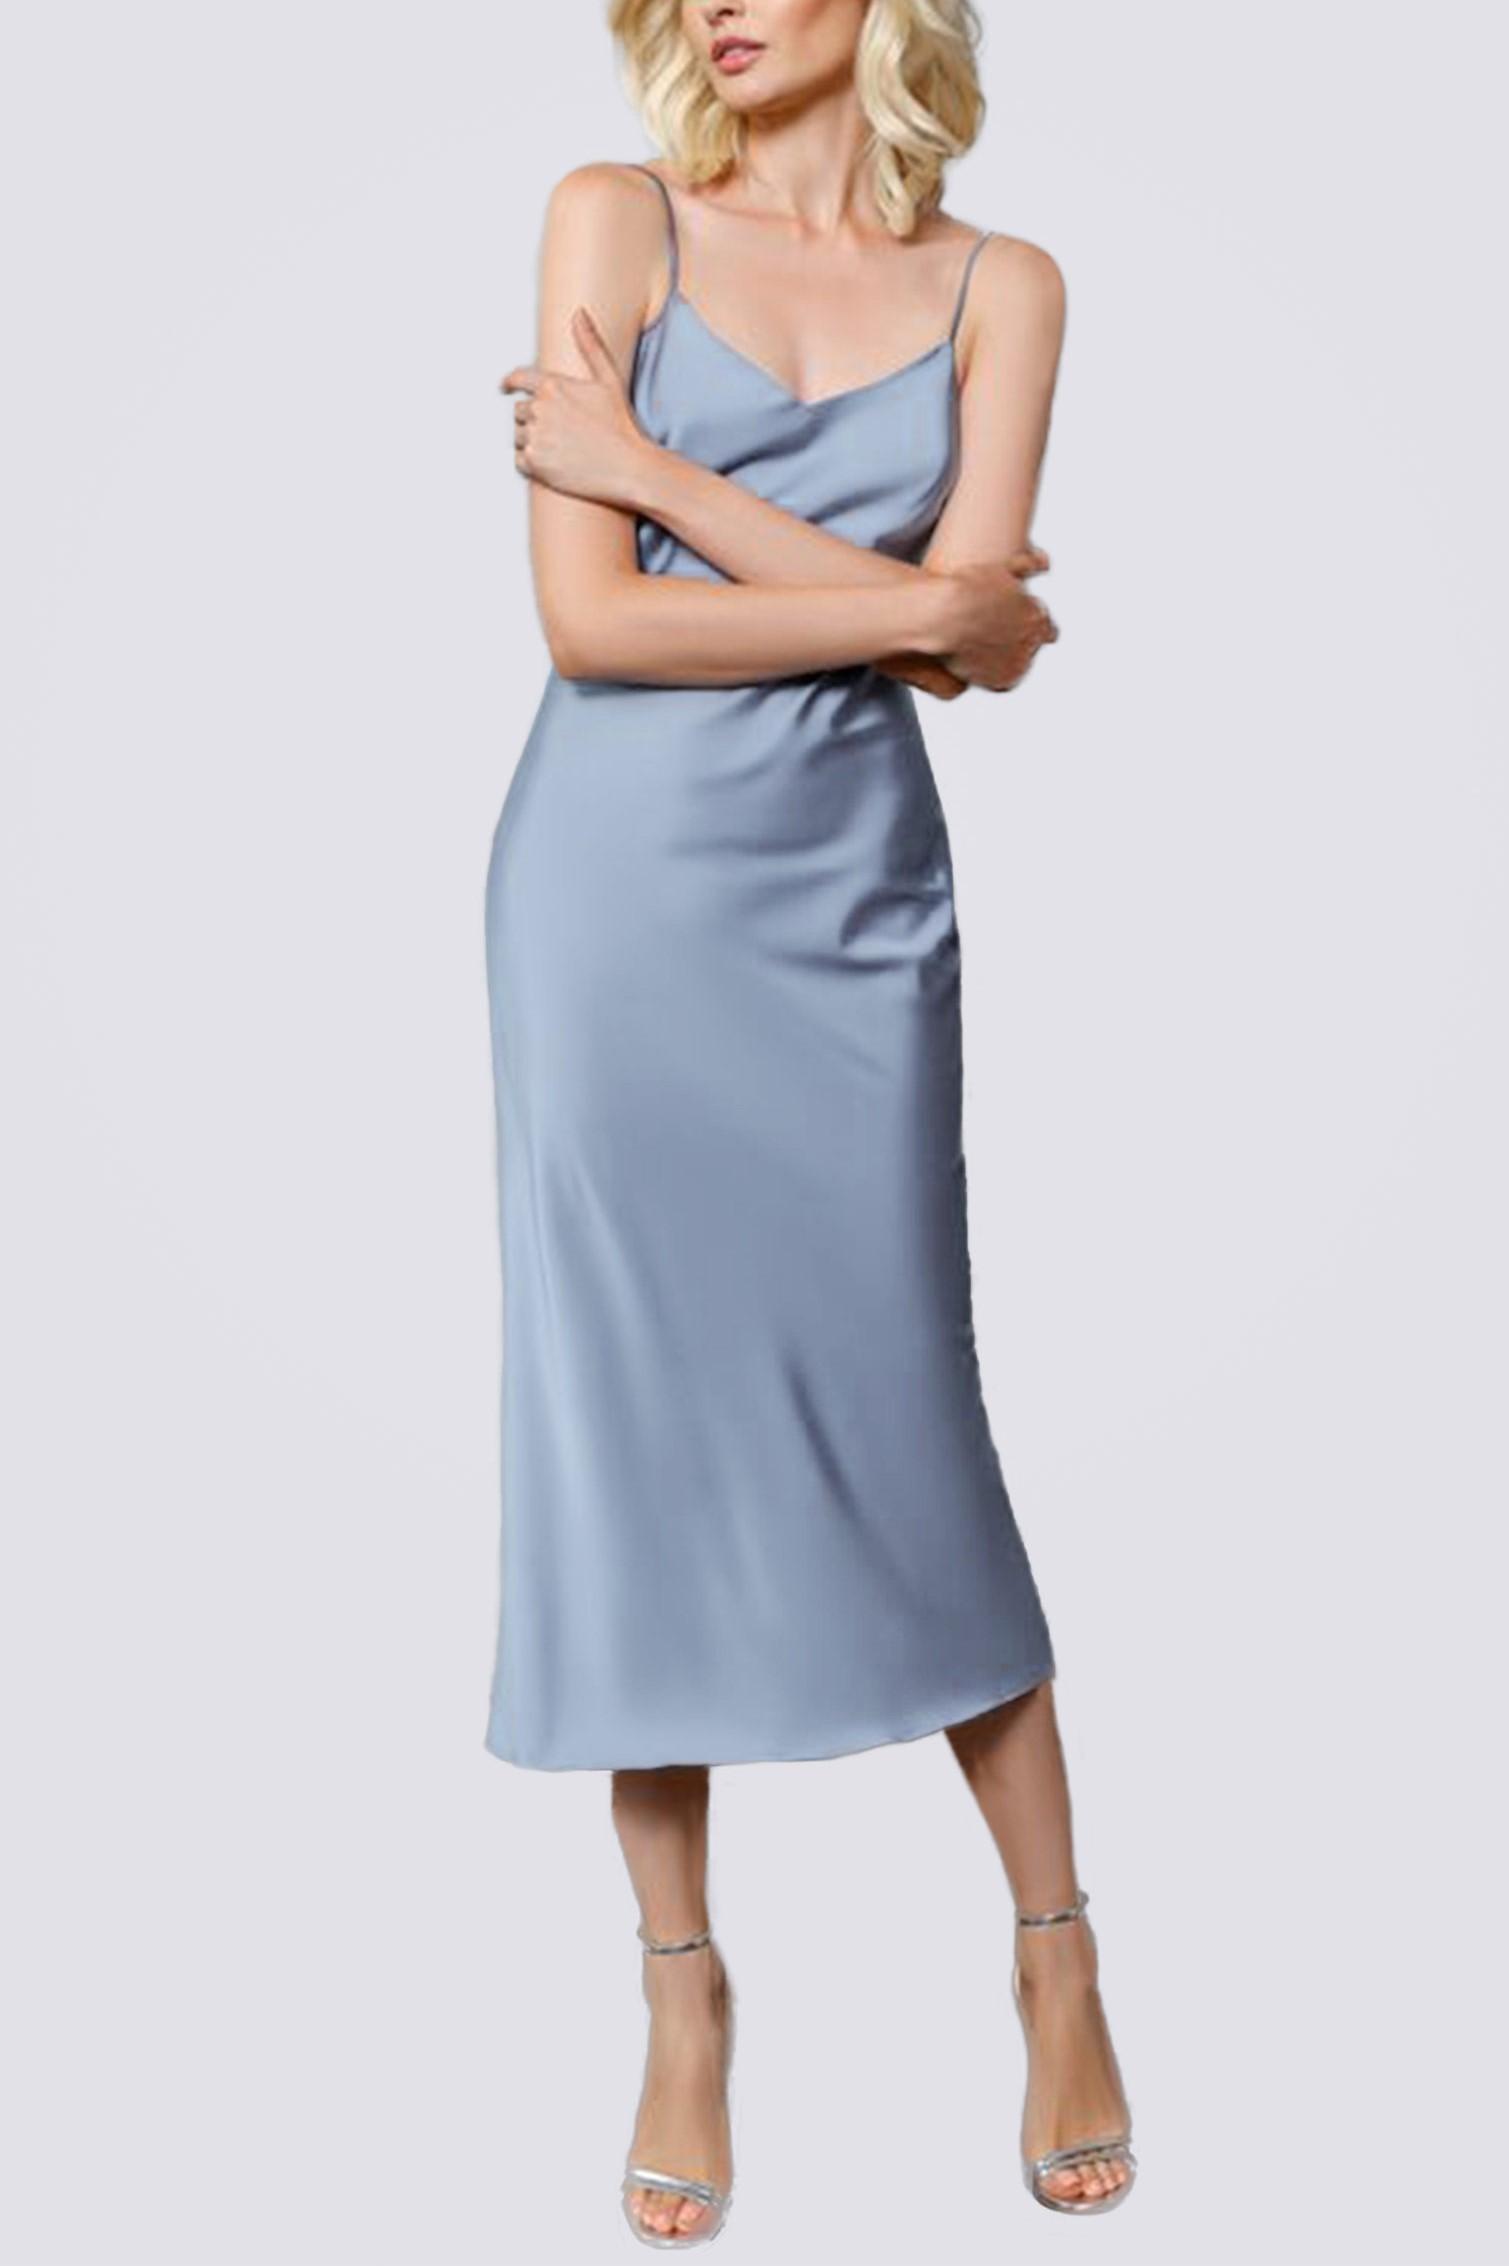 Платье комбинация миди ES.design голубое EGOStyle